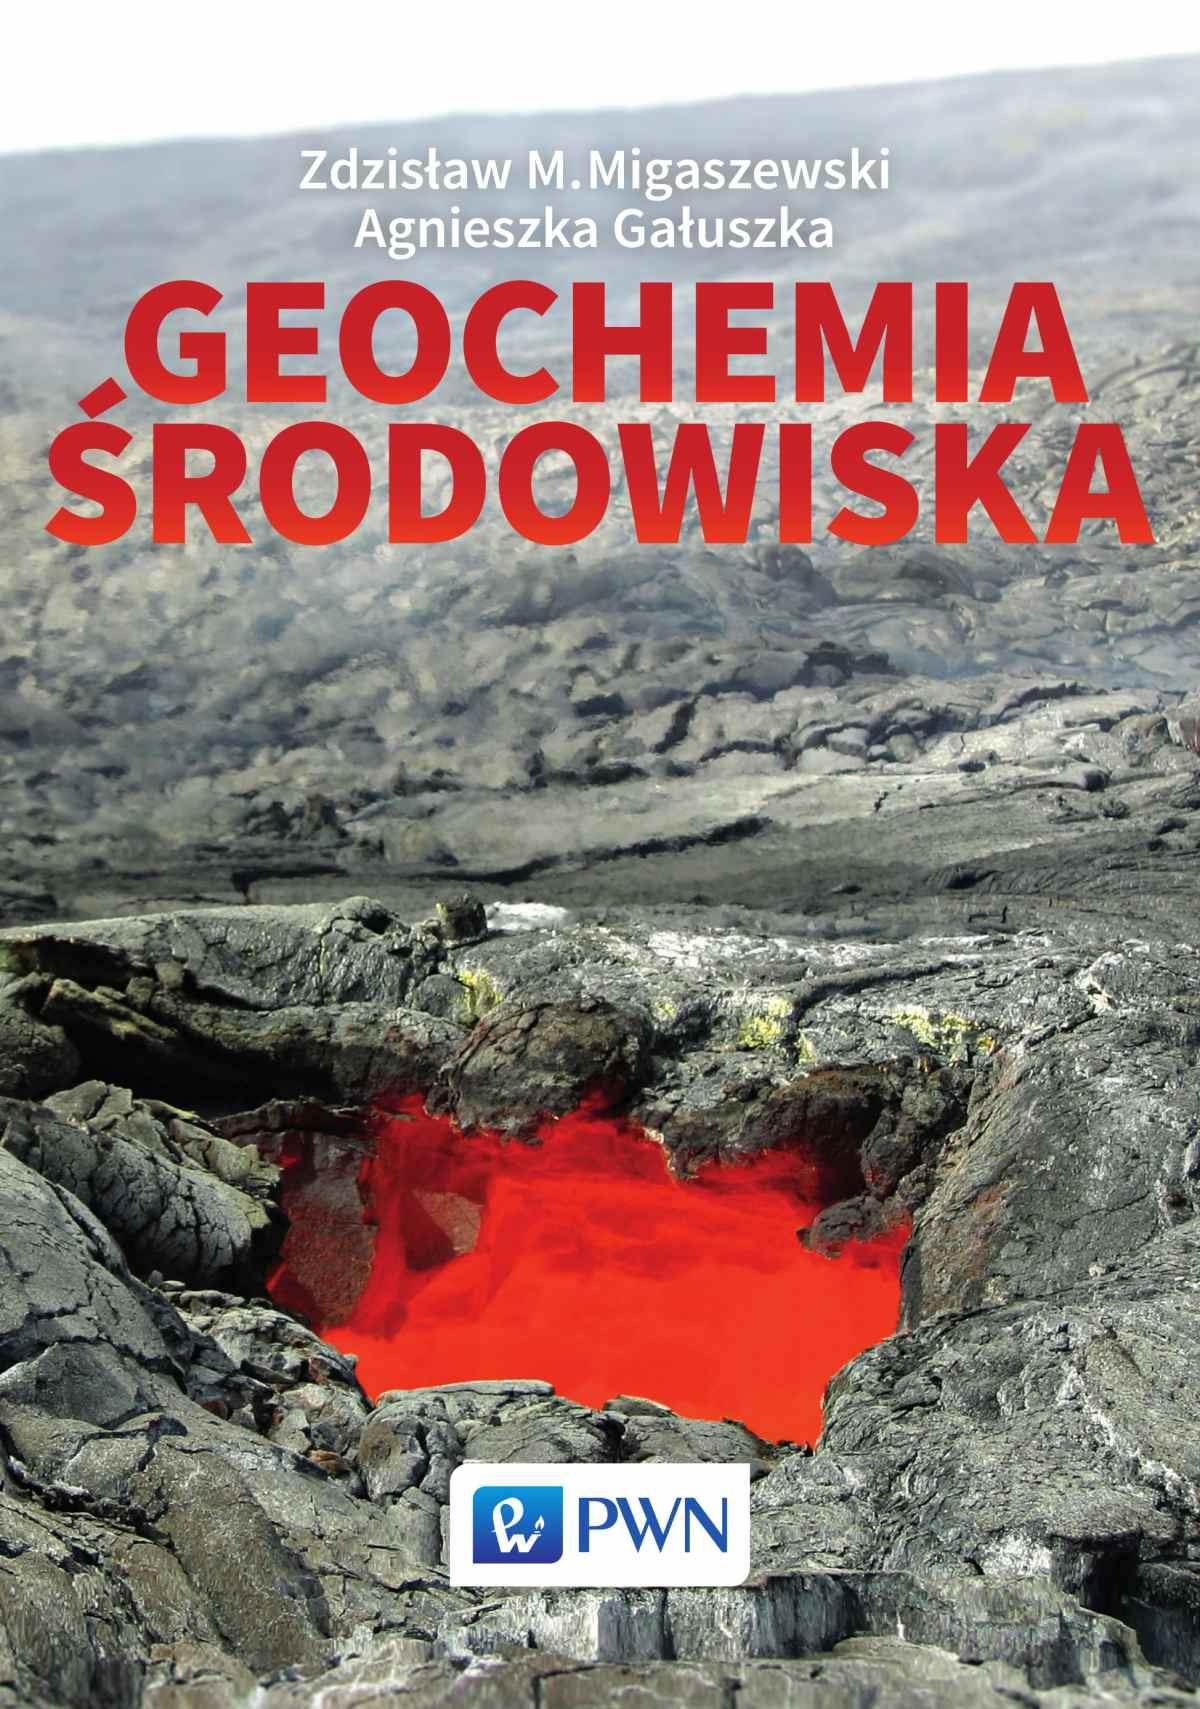 Geochemia środowiska - Ebook (Książka na Kindle) do pobrania w formacie MOBI